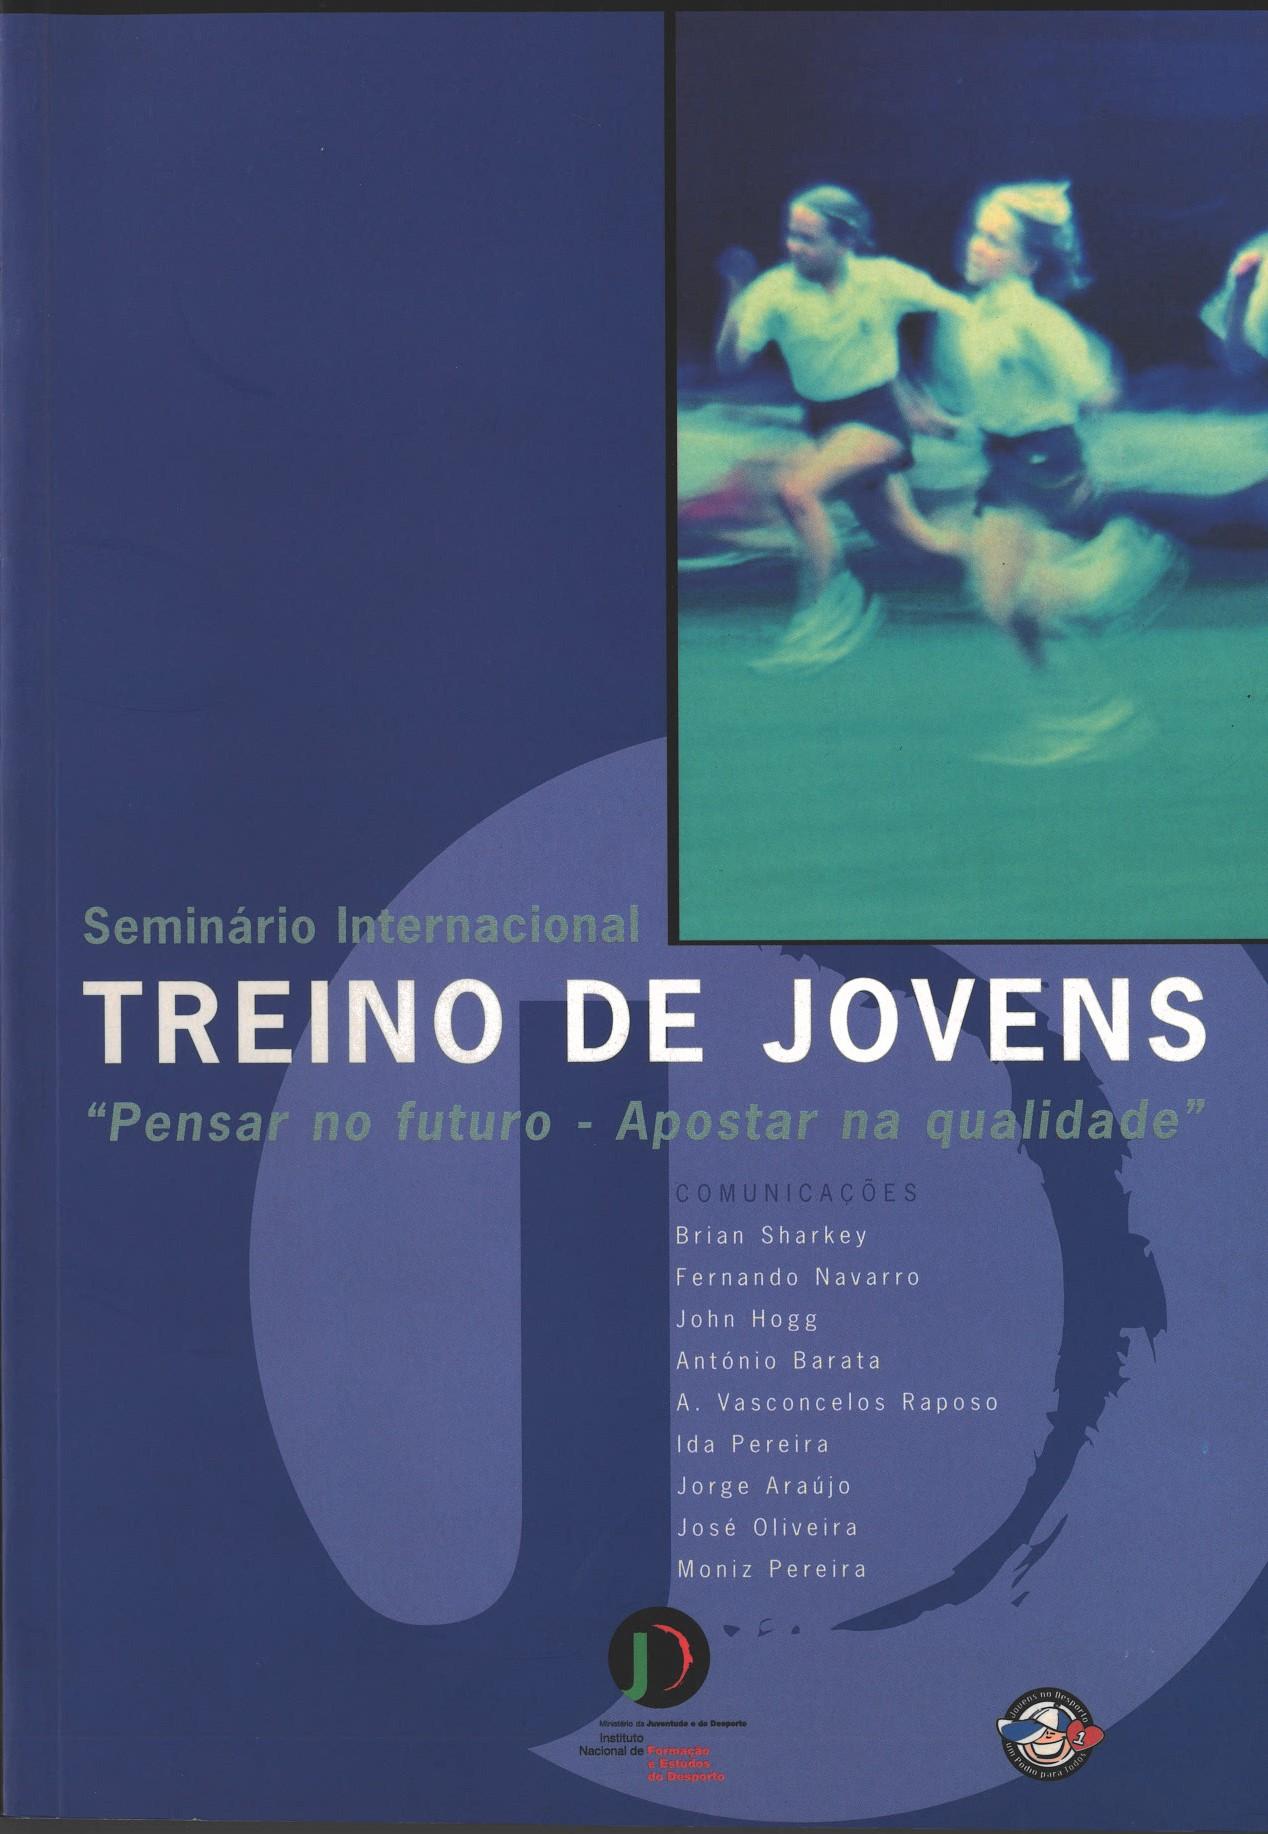 Seminário Internacional - Treino de Jovens «Pensar no Futuro - Apostar na Qualidade» (Lisboa, Novembro 2000)